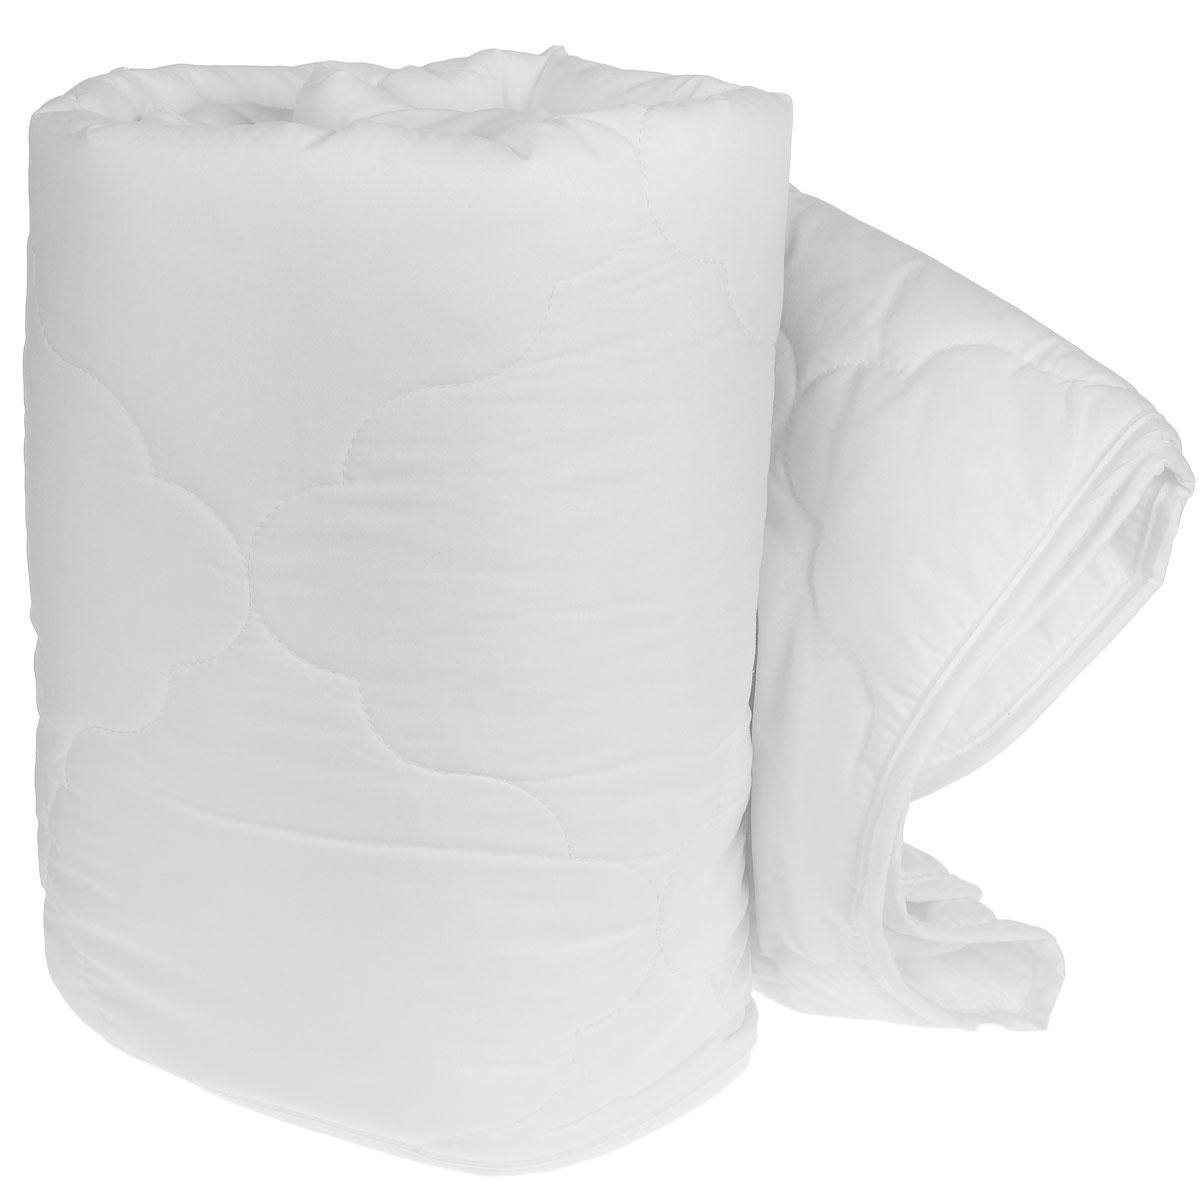 Одеяло легкое Green Line, наполнитель: бамбуковое волокно, цвет: белый, 200 см х 220 см531-105Легкое одеяло Green Line подарит незабываемое чувство комфорта и уюта во время сна. Верх выполнен из ткани нового поколения из микрофиламентных нитей Ultratex. Внутри - наполнитель из бамбукового волокна. Это экологически чистый натуральный материал, который позаботится о вашем здоровье и подарит комфортный сон. Бамбук обеспечивает антибактериальную защиту и имеет оптимальную терморегуляцию. Стежка и кант по краю не позволяют наполнителю скатываться и равномерно удерживают его внутри. Одеяло легкое и тонкое - оно идеально подойдет для лета, под ним будет прохладно и комфортно спать в жару. Рекомендации по уходу: - ручная и машинная стирка при температуре 30°С, - не отбеливать, - нельзя отжимать и сушить в стиральной машине, - не гладить, - химчистка с мягкими растворителями, - сушить вертикально.Материал чехла: ткань Ultratex (100% полиэстер).Наполнитель: 50% бамбуковое волокно (100% вискоза), 50% высокоизвитое волокно (100% полиэстер). Размер: 200 см х 220 см. Вес наполнителя: 150 г/м2.